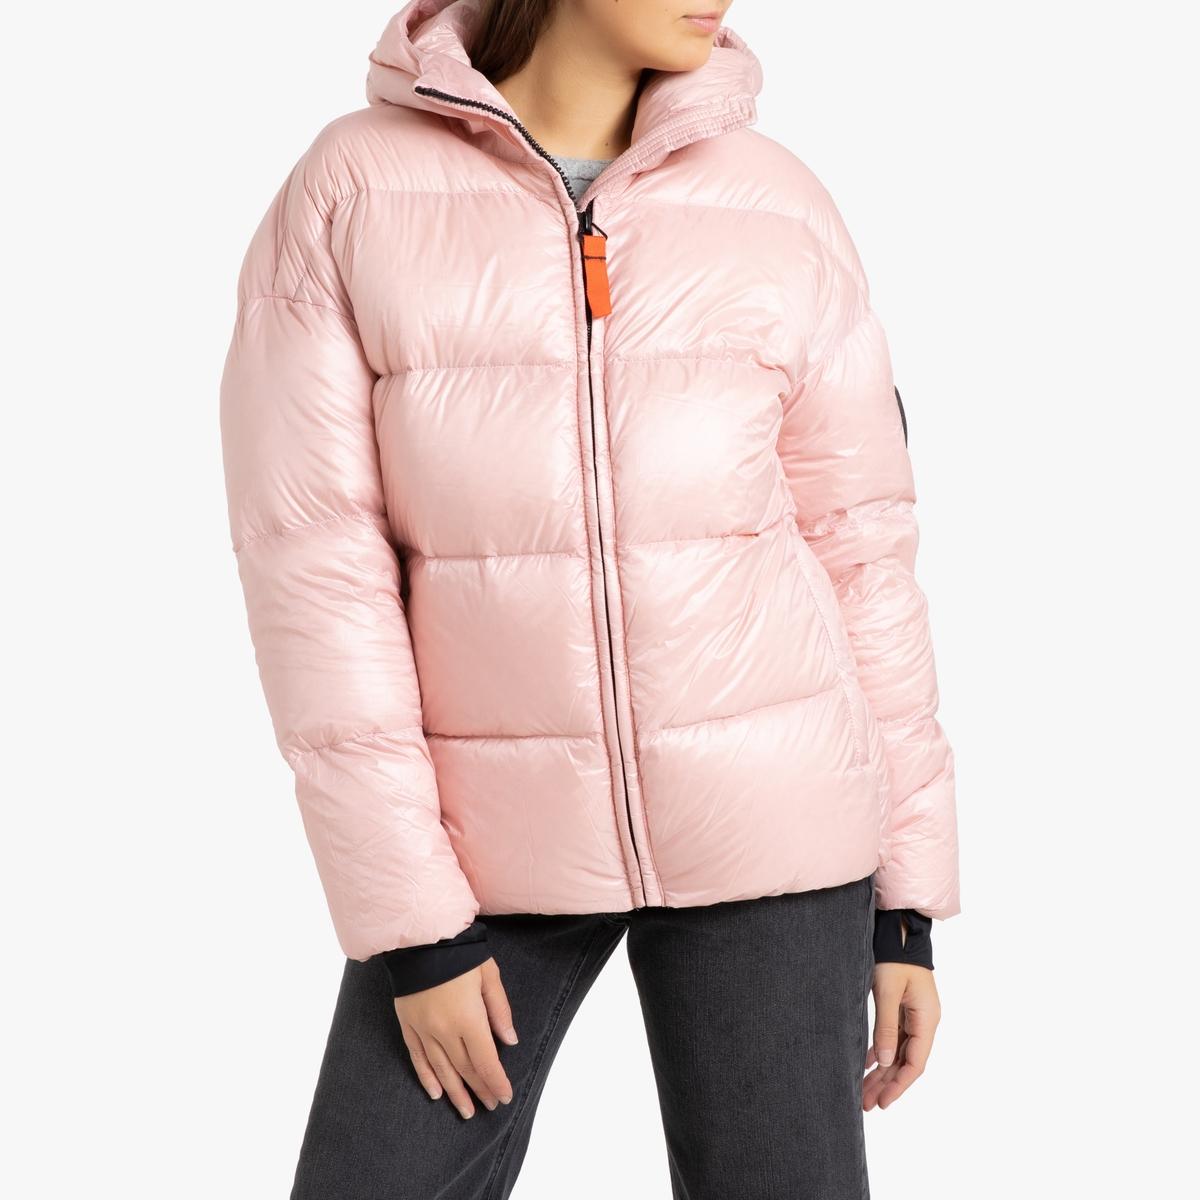 цена Куртка La Redoute Стеганая короткая с капюшоном MIKA GLOSSY M розовый в интернет-магазинах